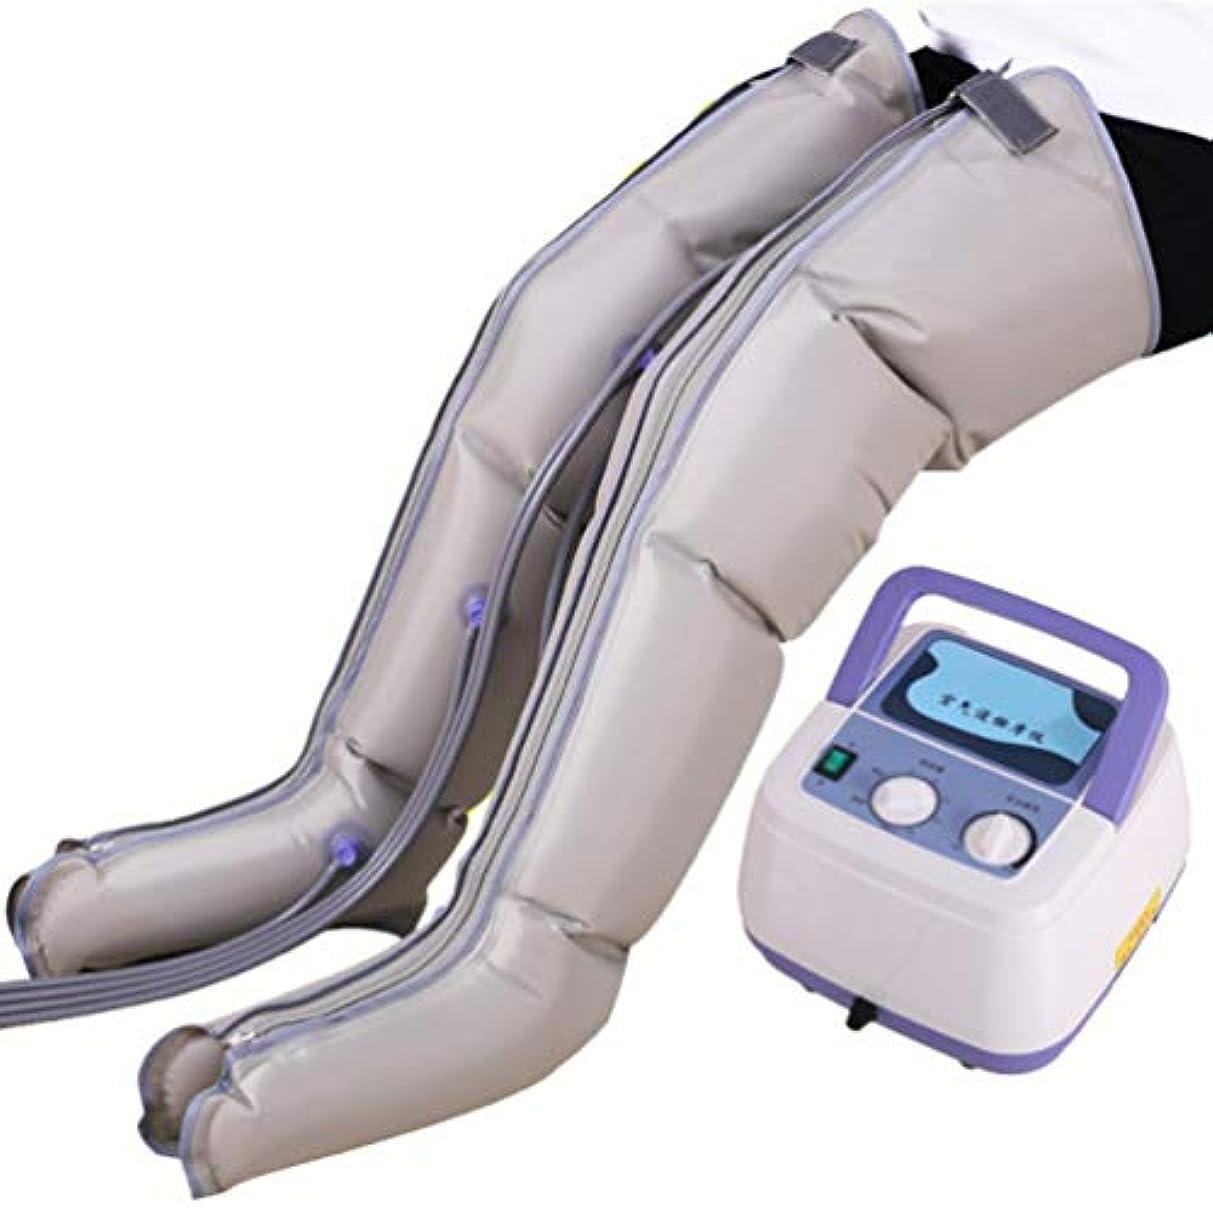 空気圧縮の足のマッサージャー4つのキャビティ足およびフィートの筋肉循環のマッサージ療法のために任意6つのキャビティは膨潤および浮腫の苦痛を助けます,sixCavity